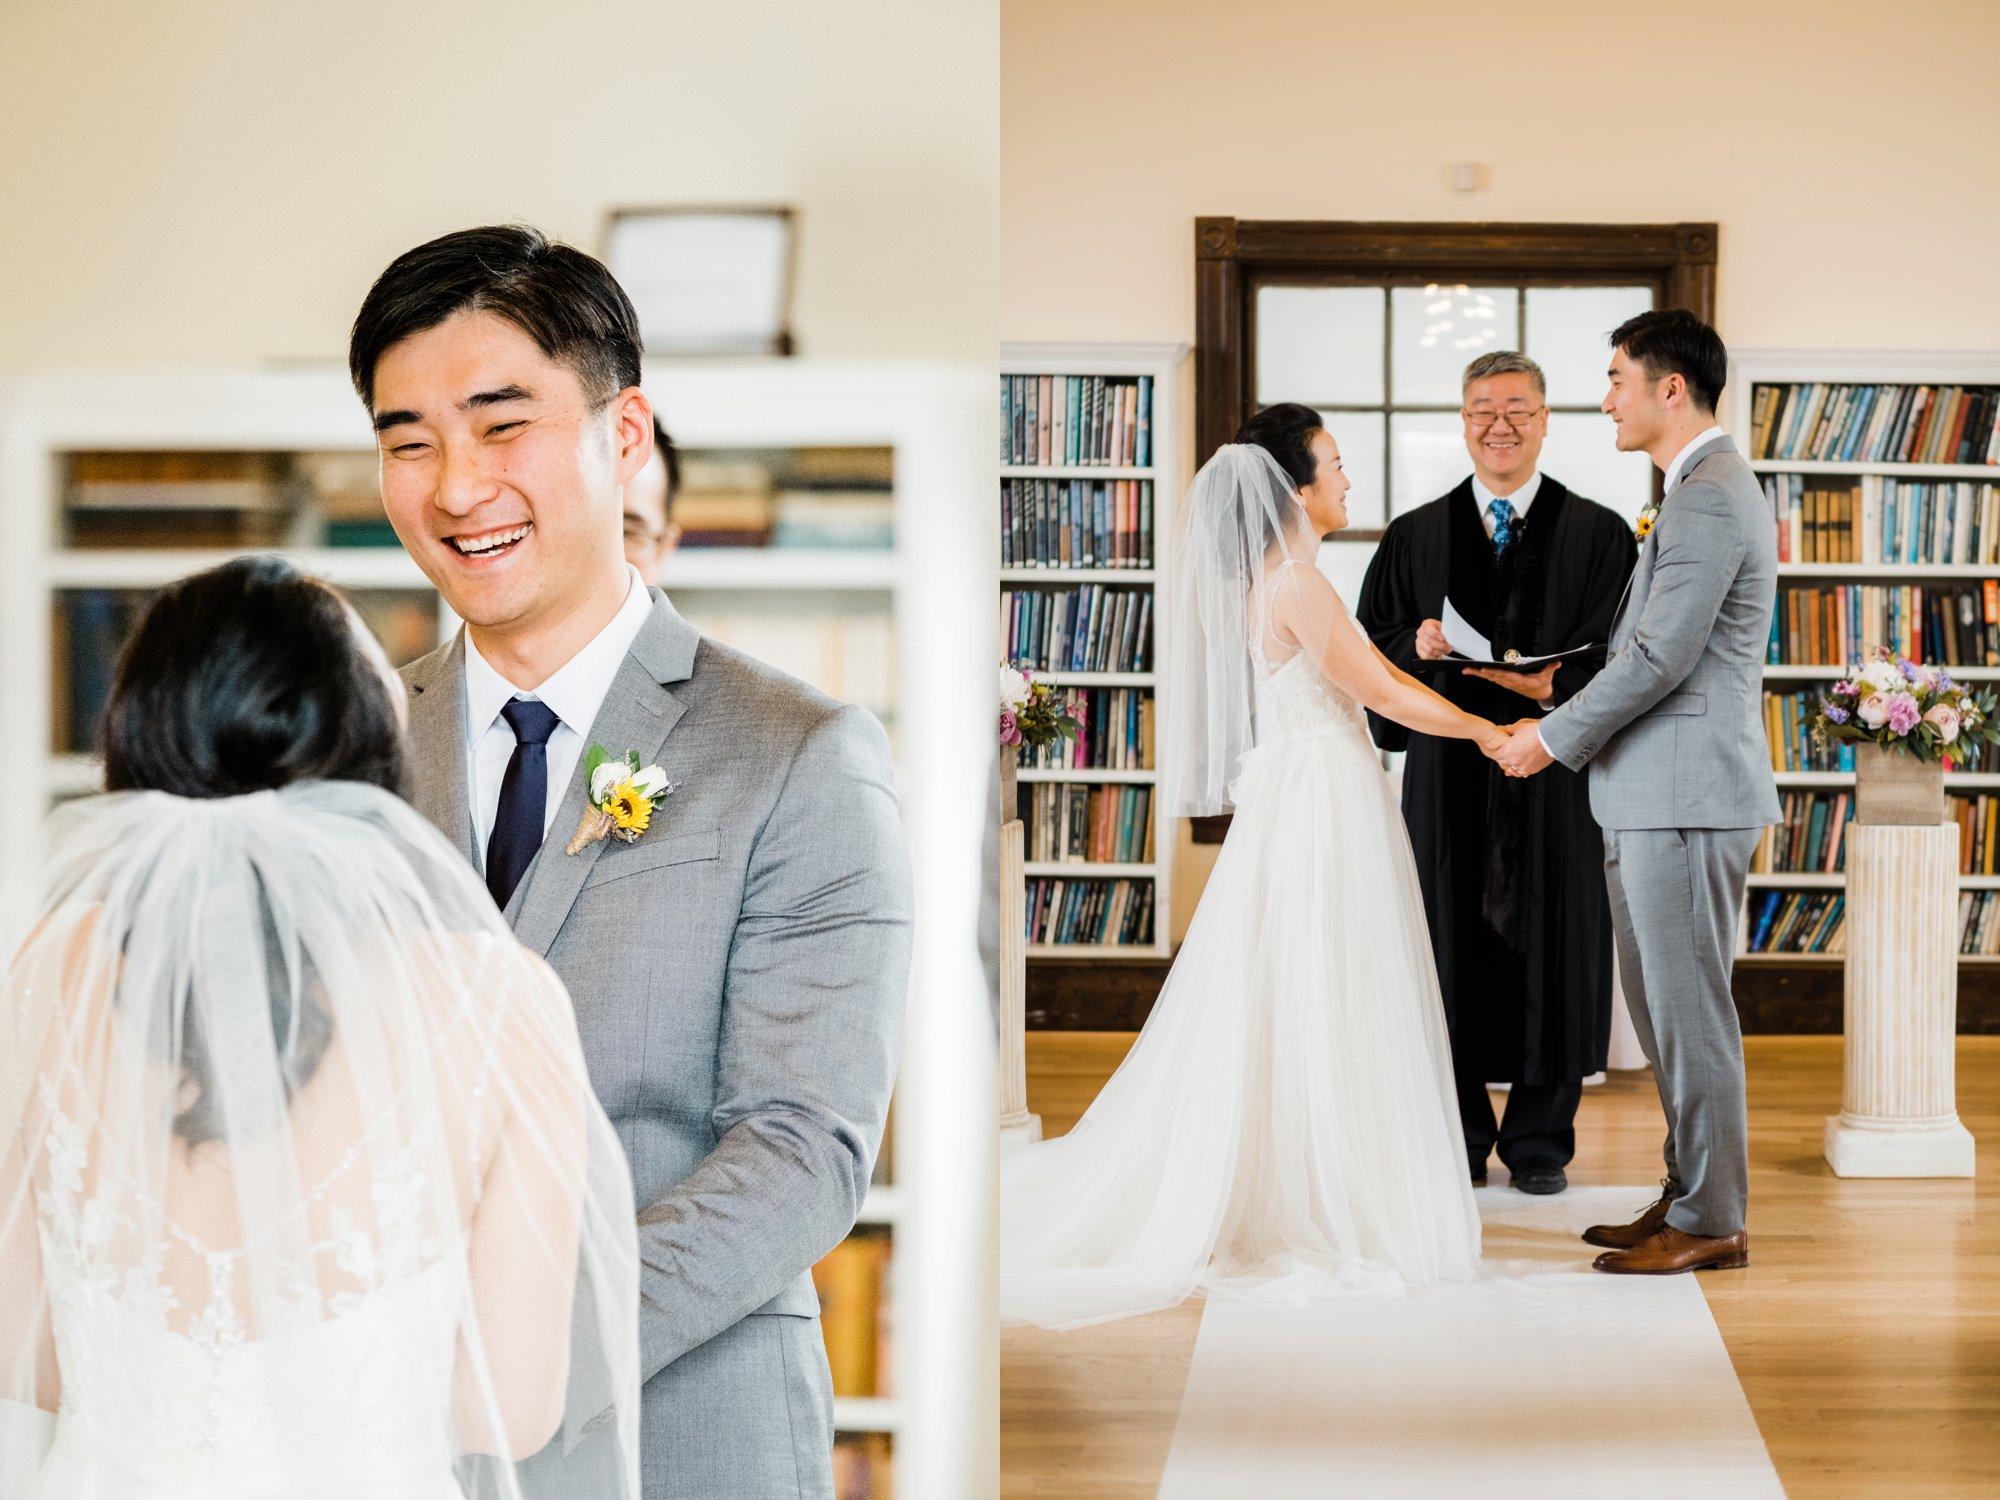 fairfax-dc-wedding-old-city-hall_0111.jpg